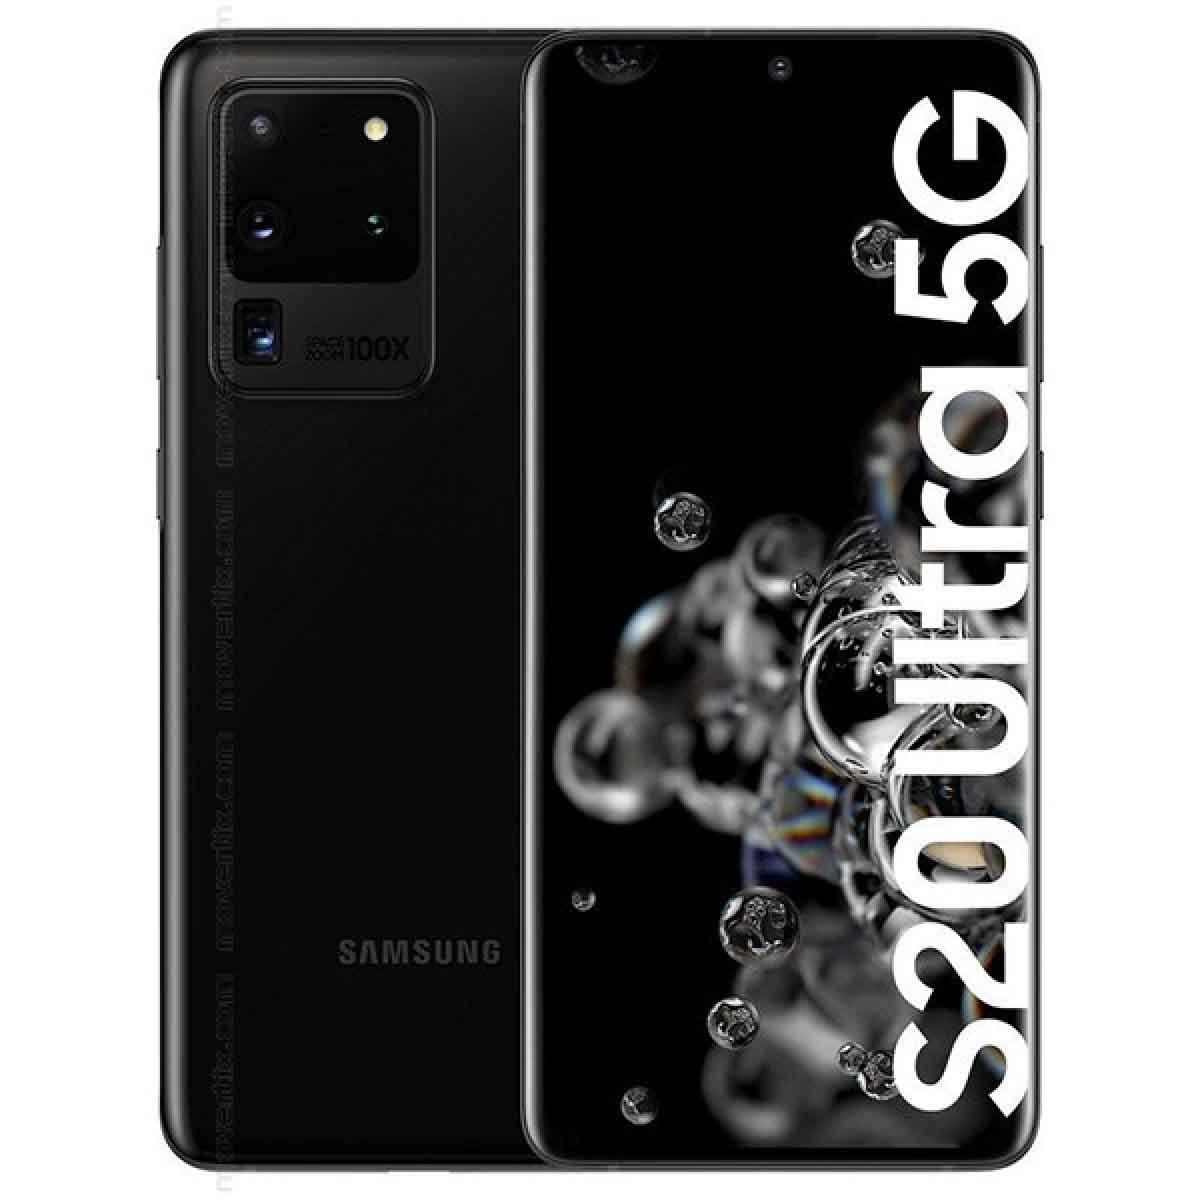 Why Samsung Galaxy S20 5G?